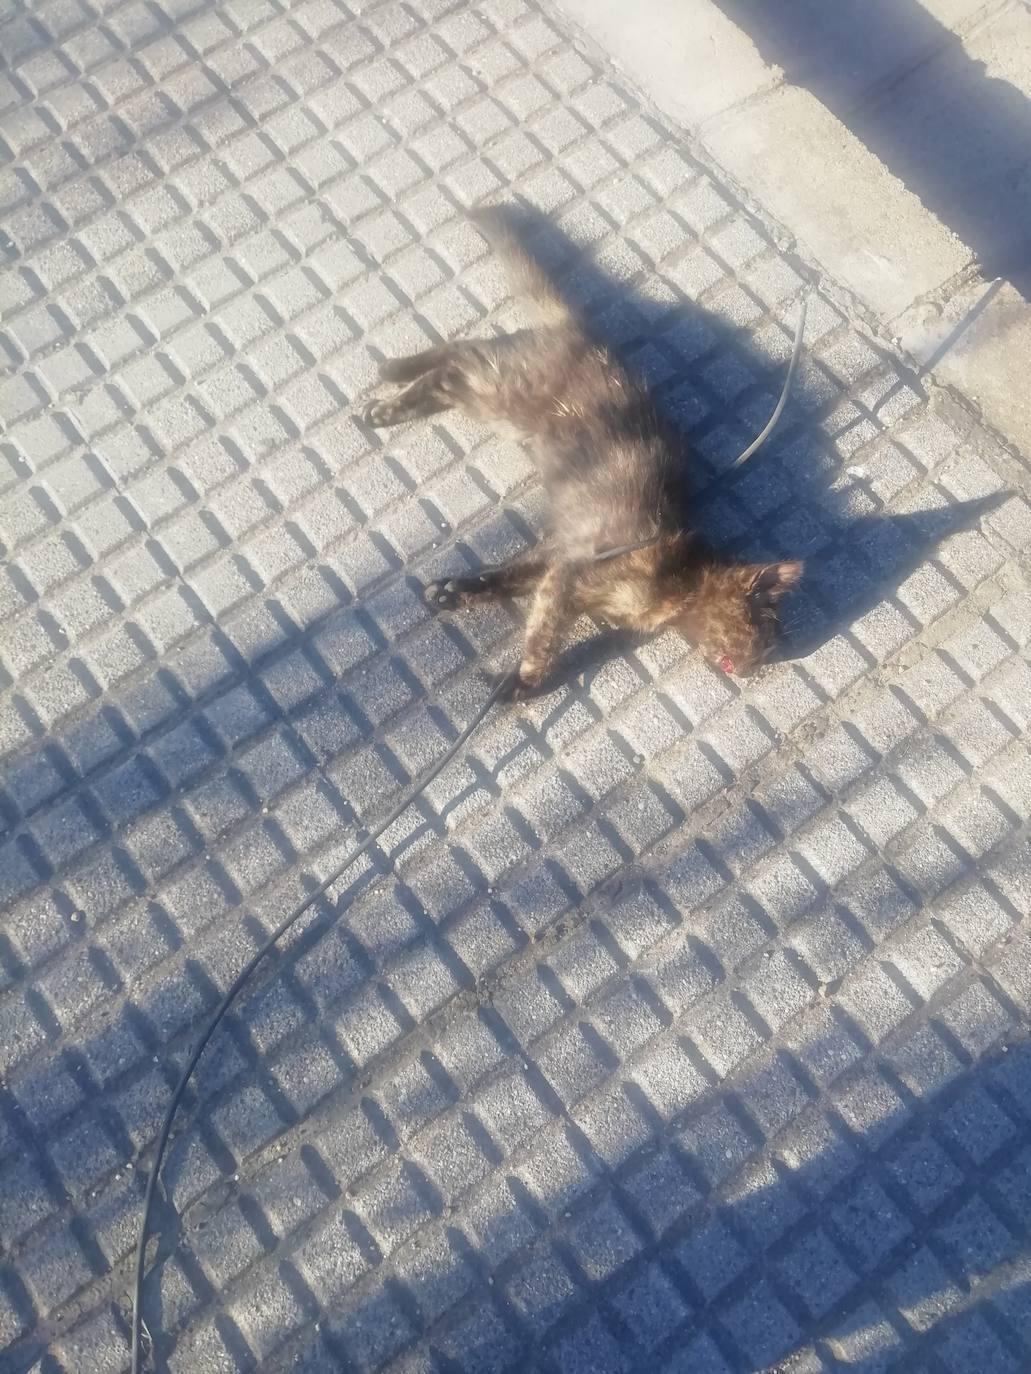 Arrastran a un gato hasta la muerte en la zona del Hispánico